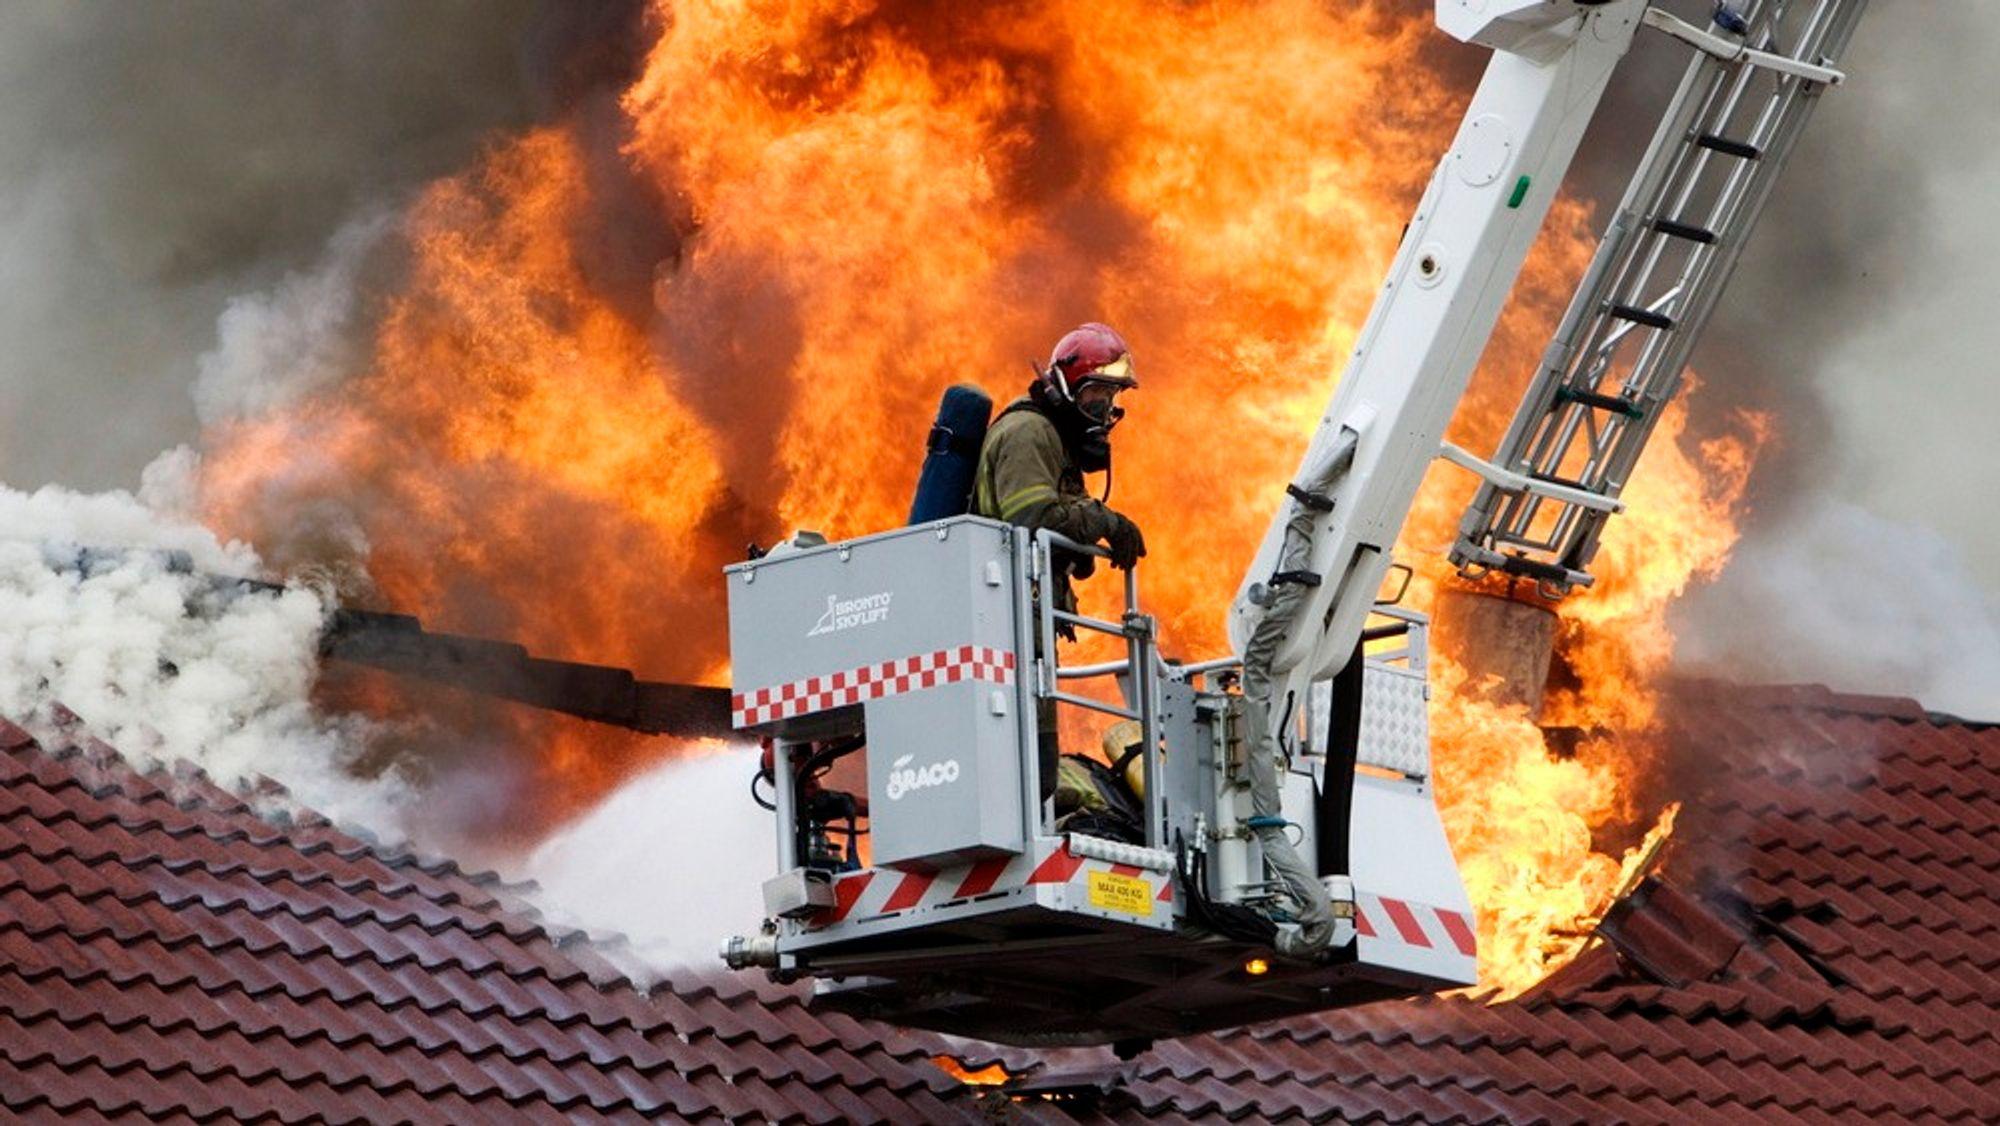 Skummel økning: I slutten av november hadde 55 personer omkommet på grunn av brann i år. En betydelig økning fra de 40 som omkom på grunn av brann i hele 2012.